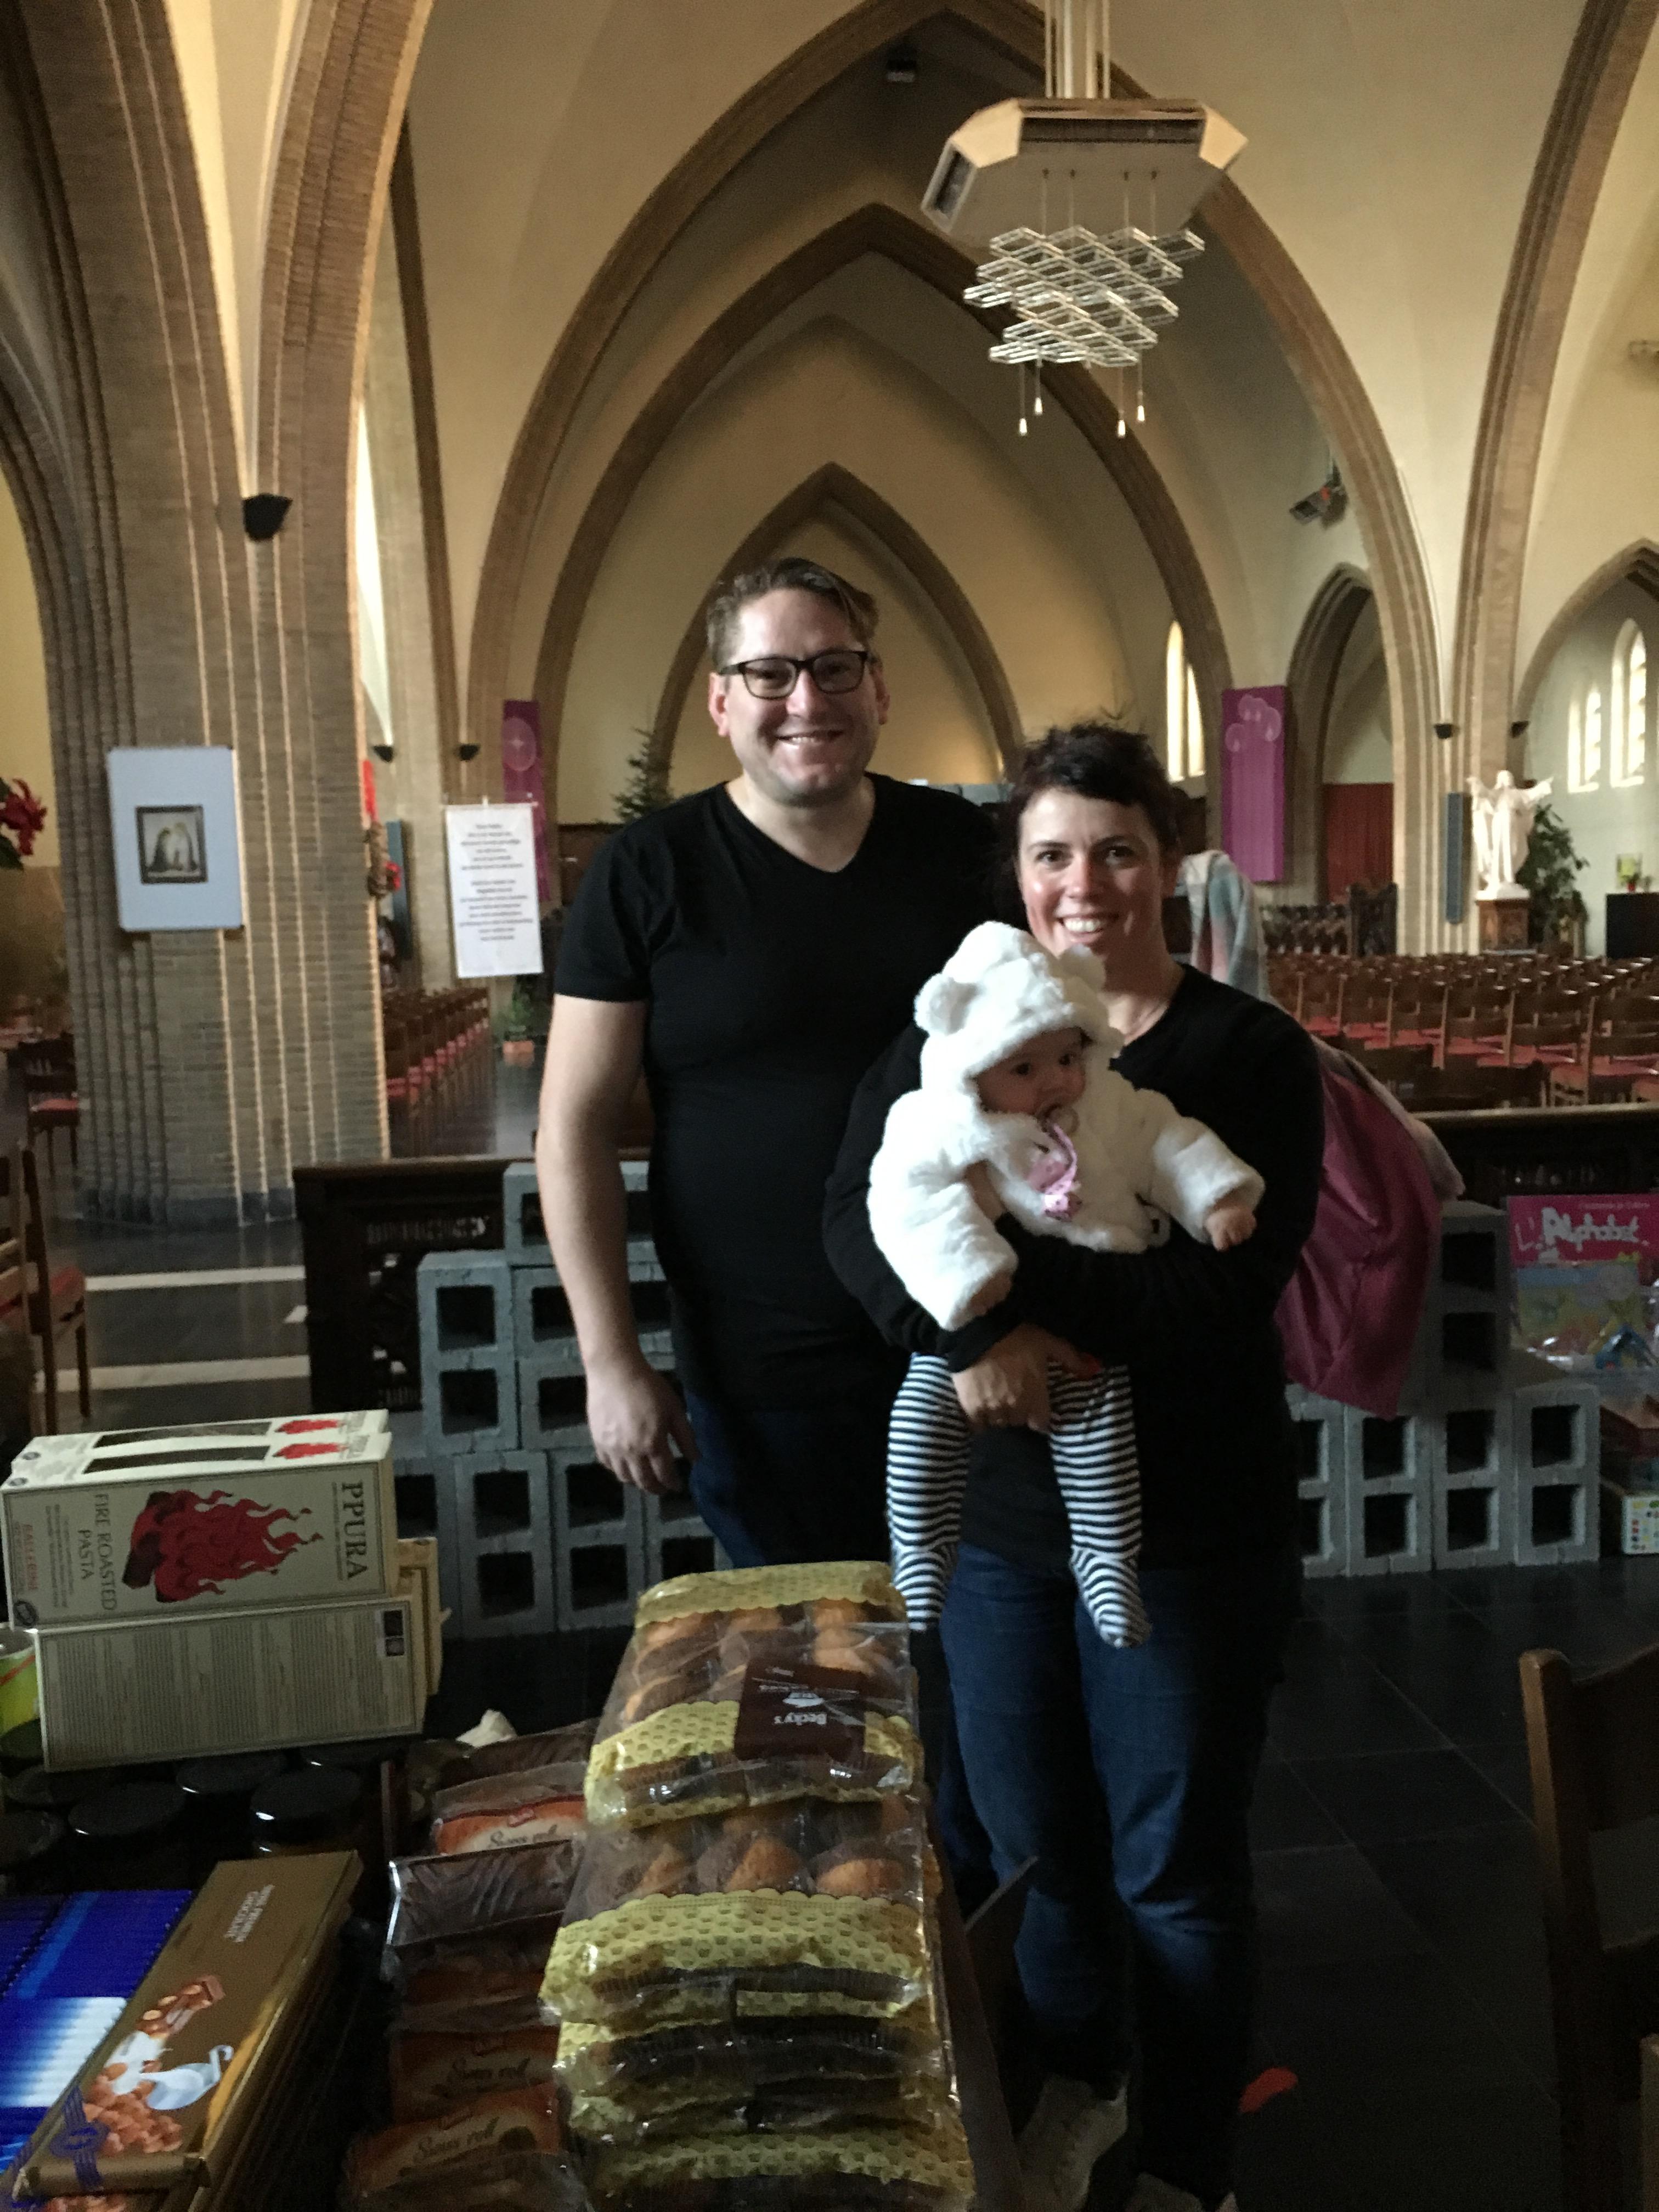 Sint-Vincentius schenkt kerstpakketten